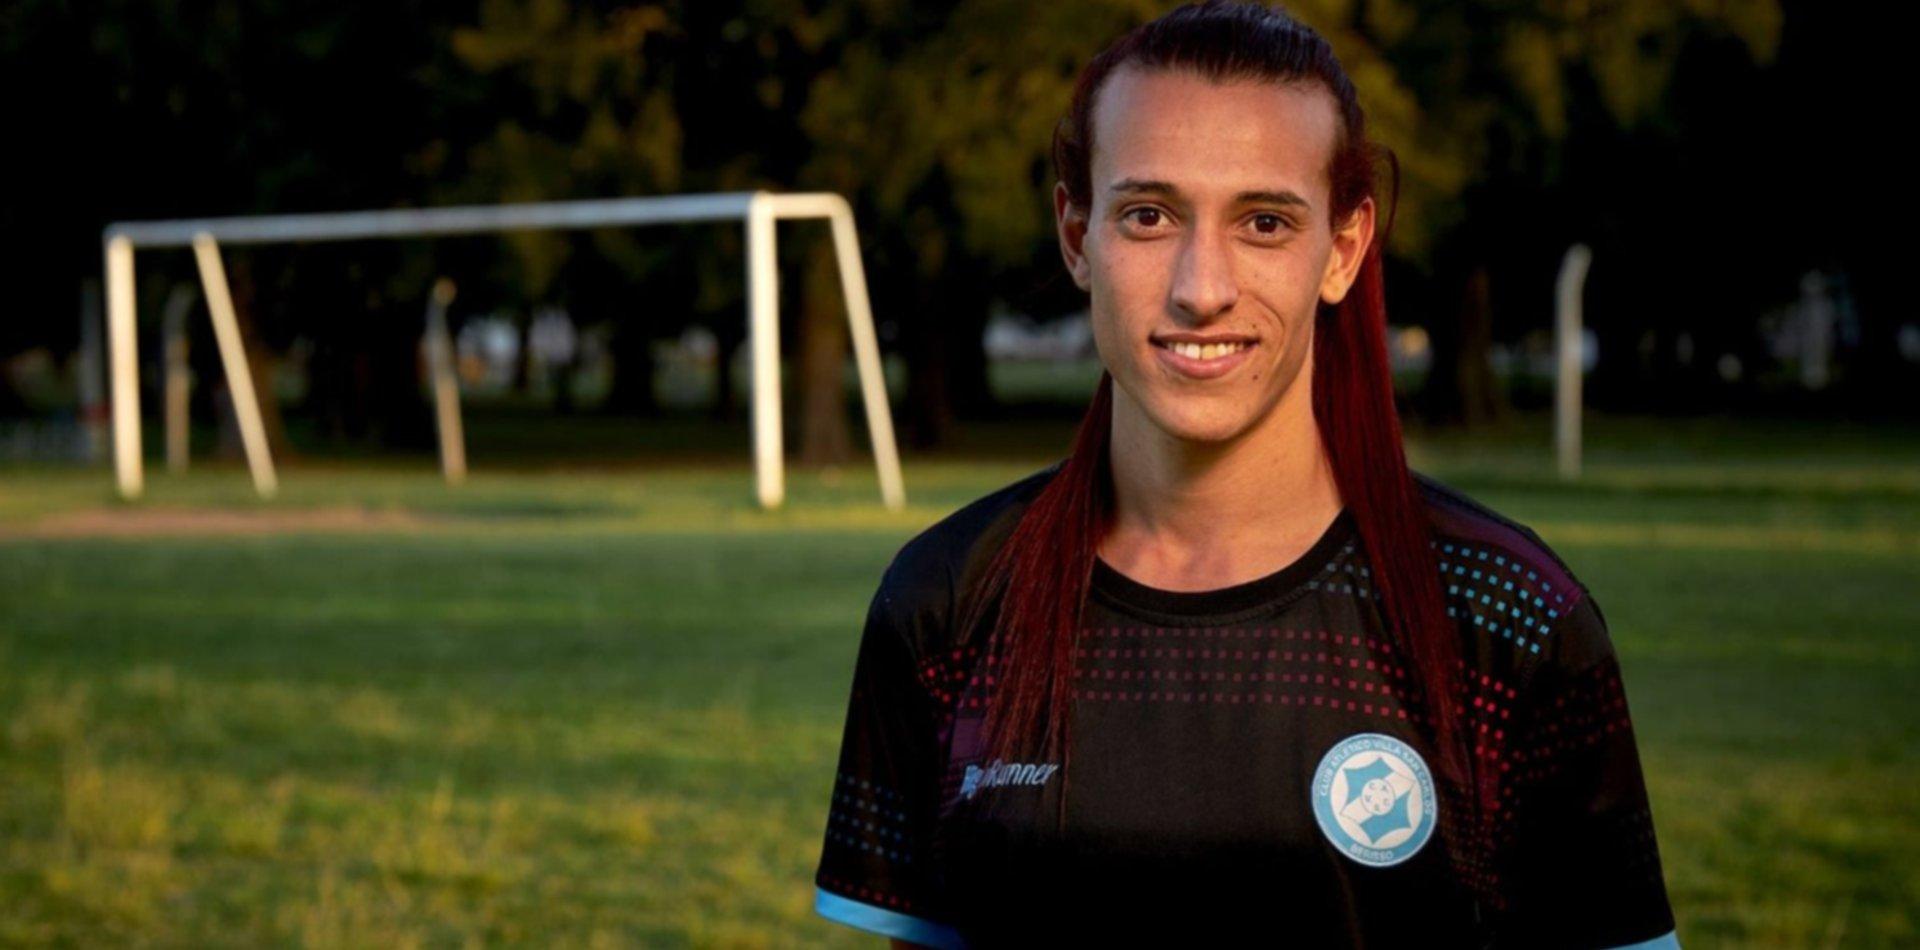 El doloroso descargo de Mara Gómez para desmentir que hizo 49 goles en 13 partidos